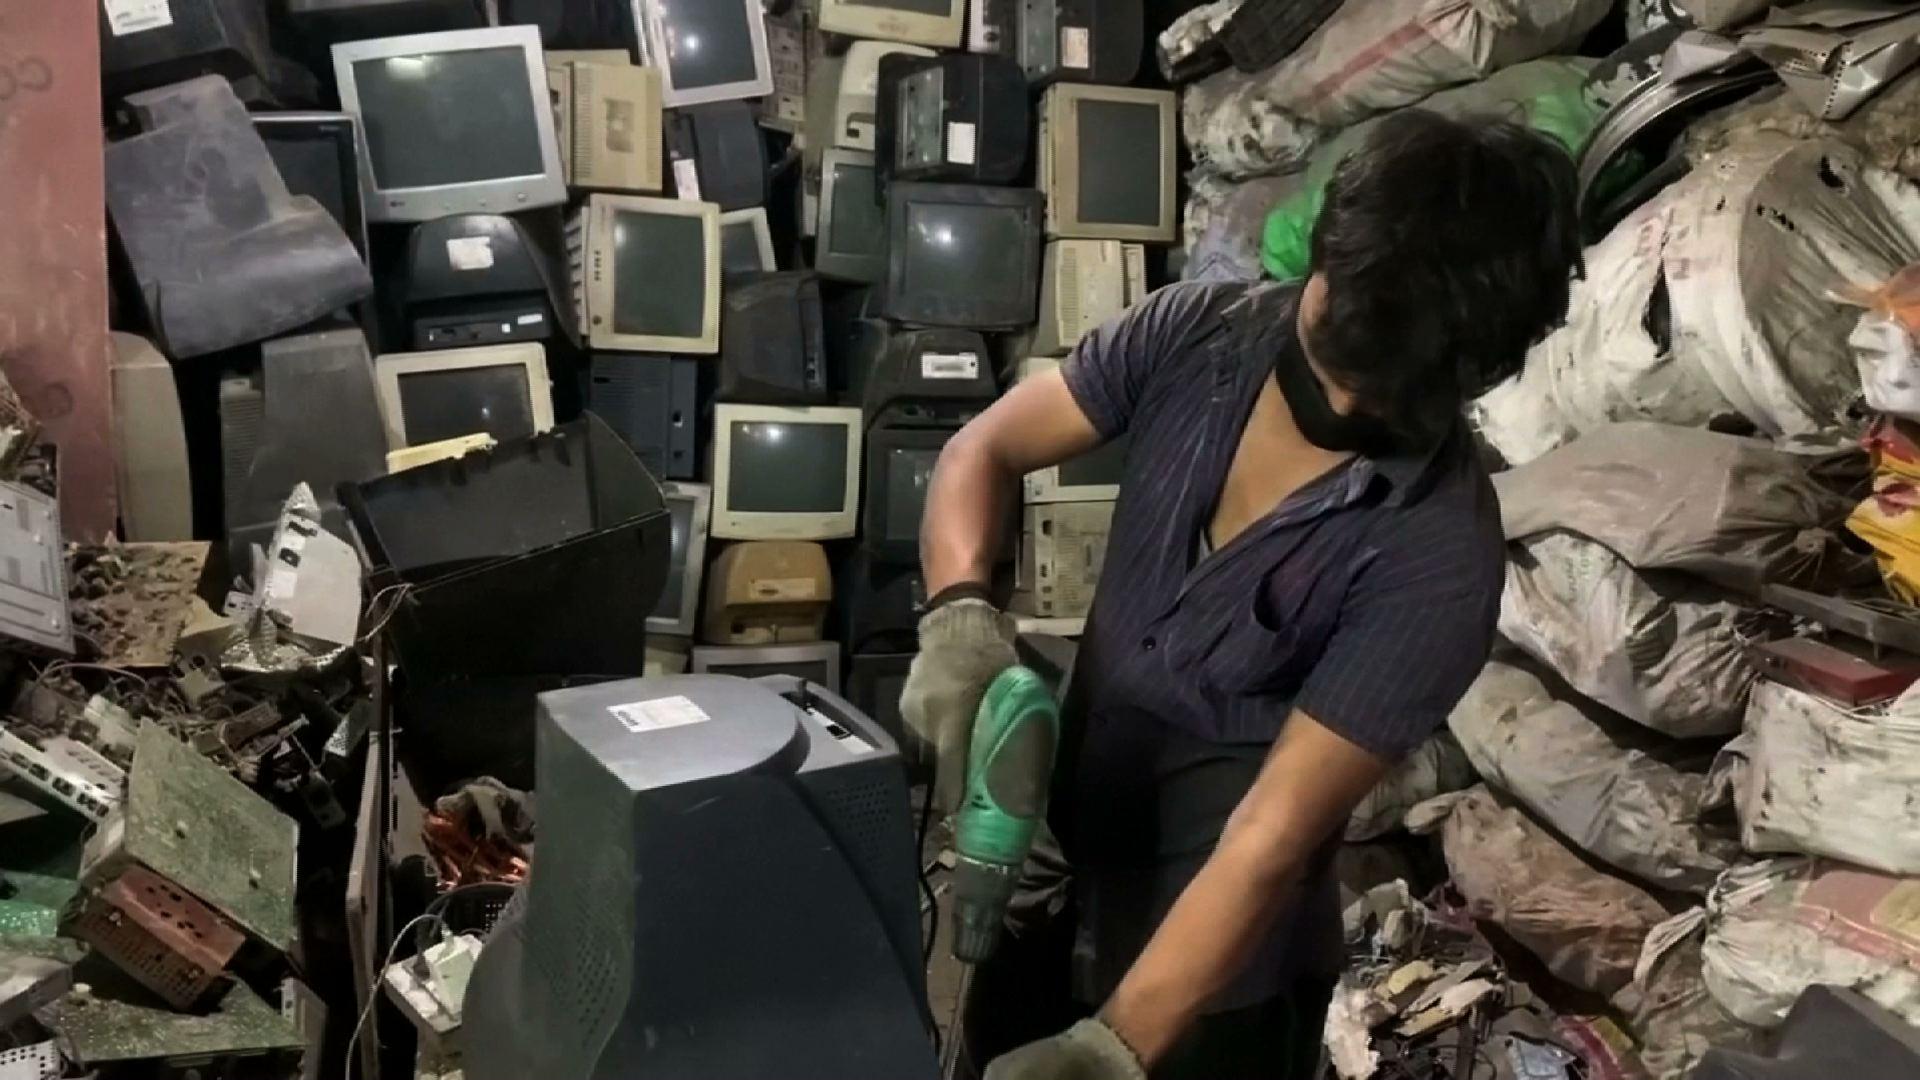 Báo cáo của Liên Hiệp Quốc cho thấy thế giới thải ra lượng rác điện tử kỷ lục